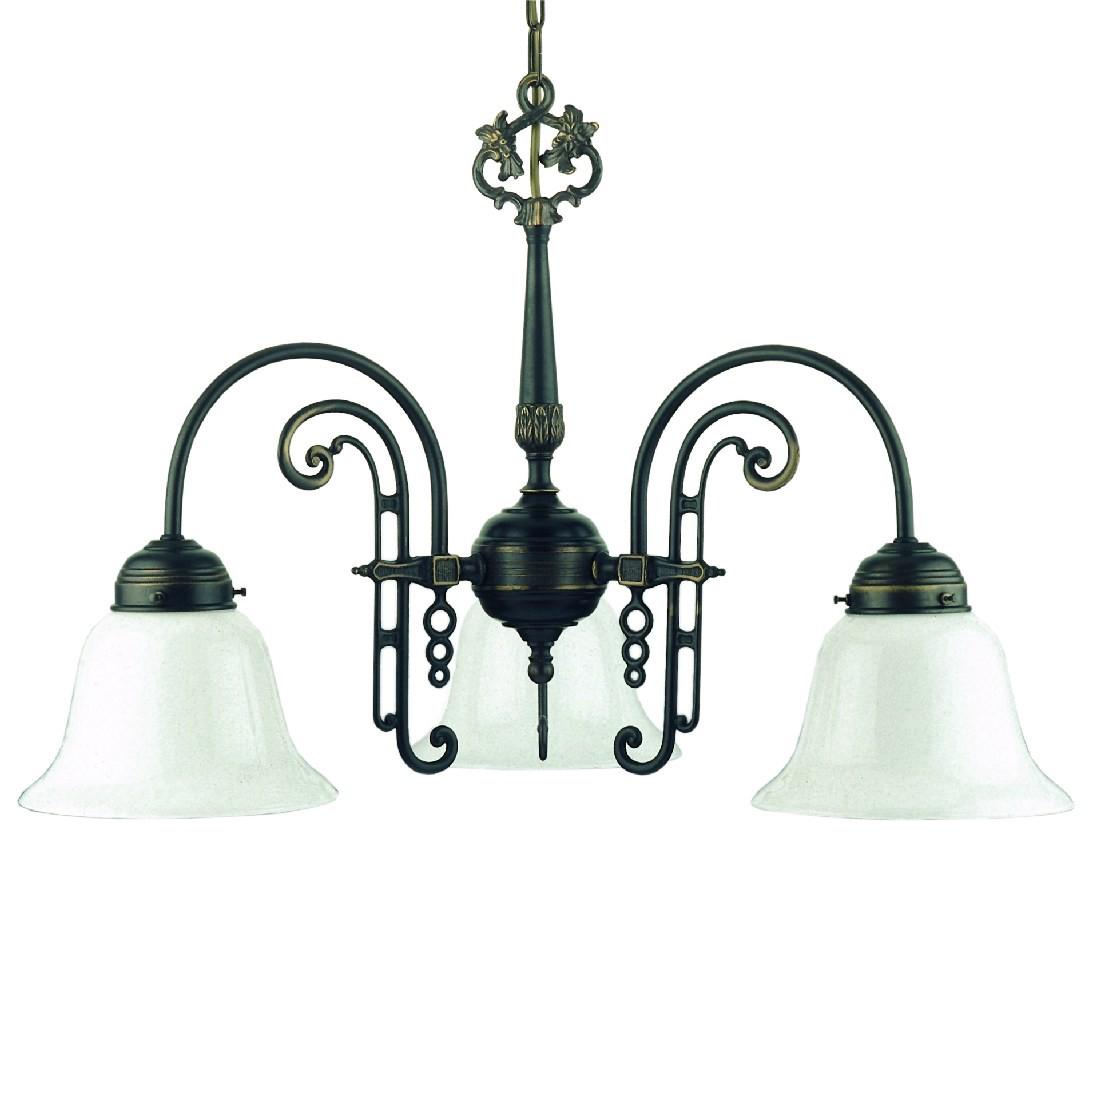 deckenleuchte omengo 3 flammig glas opal wei lms leuchten jetzt kaufen. Black Bedroom Furniture Sets. Home Design Ideas